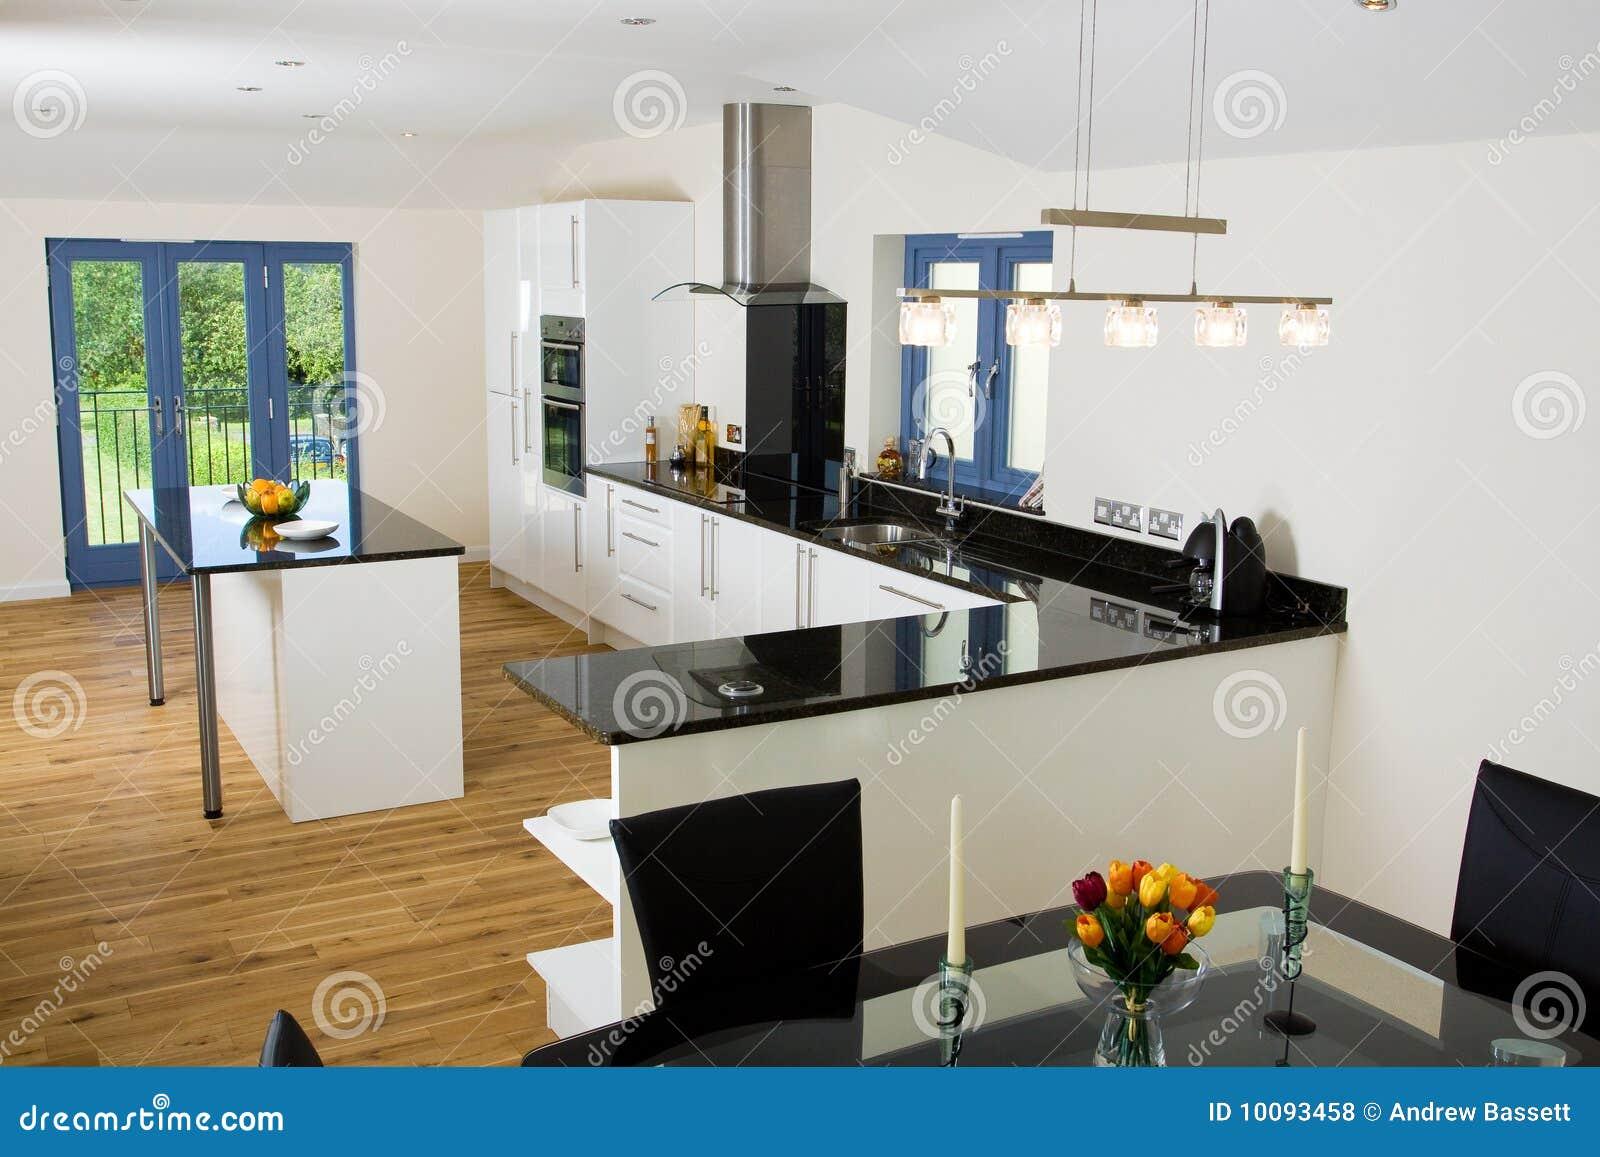 plus belle cuisine amazing beautiful cuisine les plus belles cuisines industriel style les plus. Black Bedroom Furniture Sets. Home Design Ideas